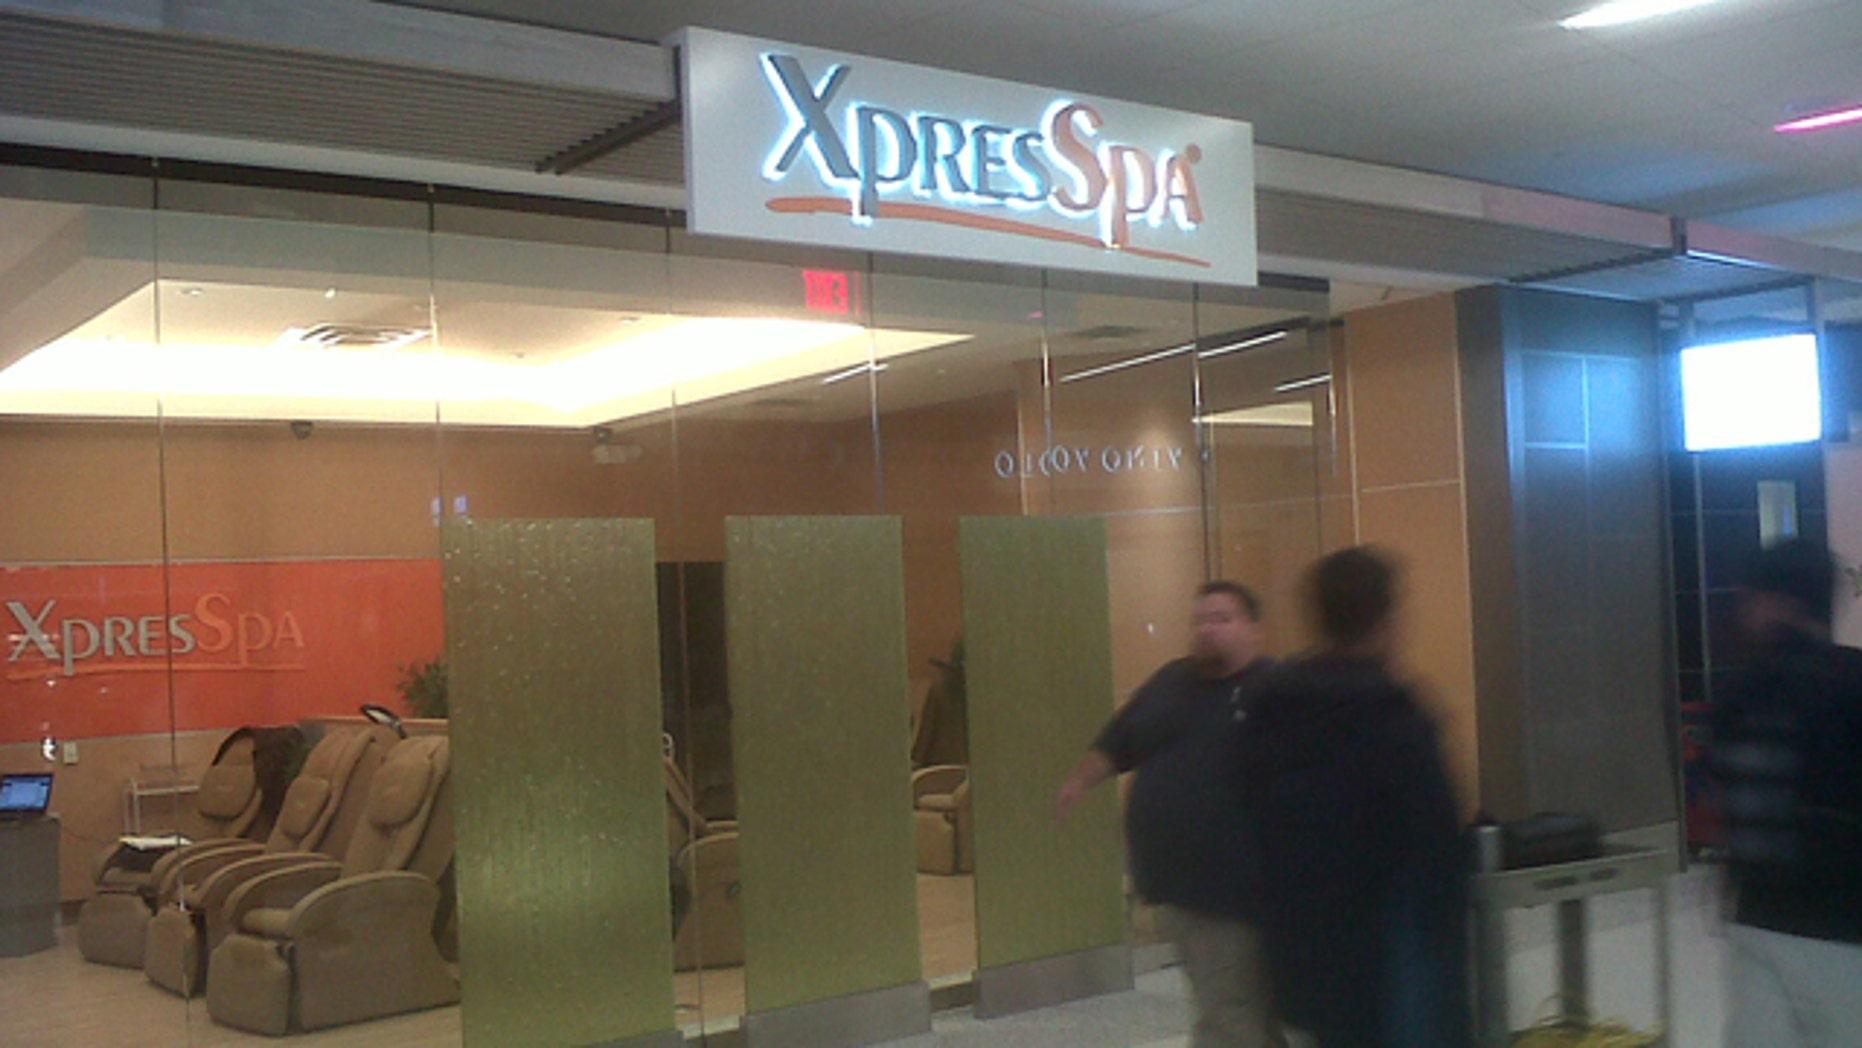 April 6: Terminal 2 even includes an 'XpresSpa' for quick massages and facials.